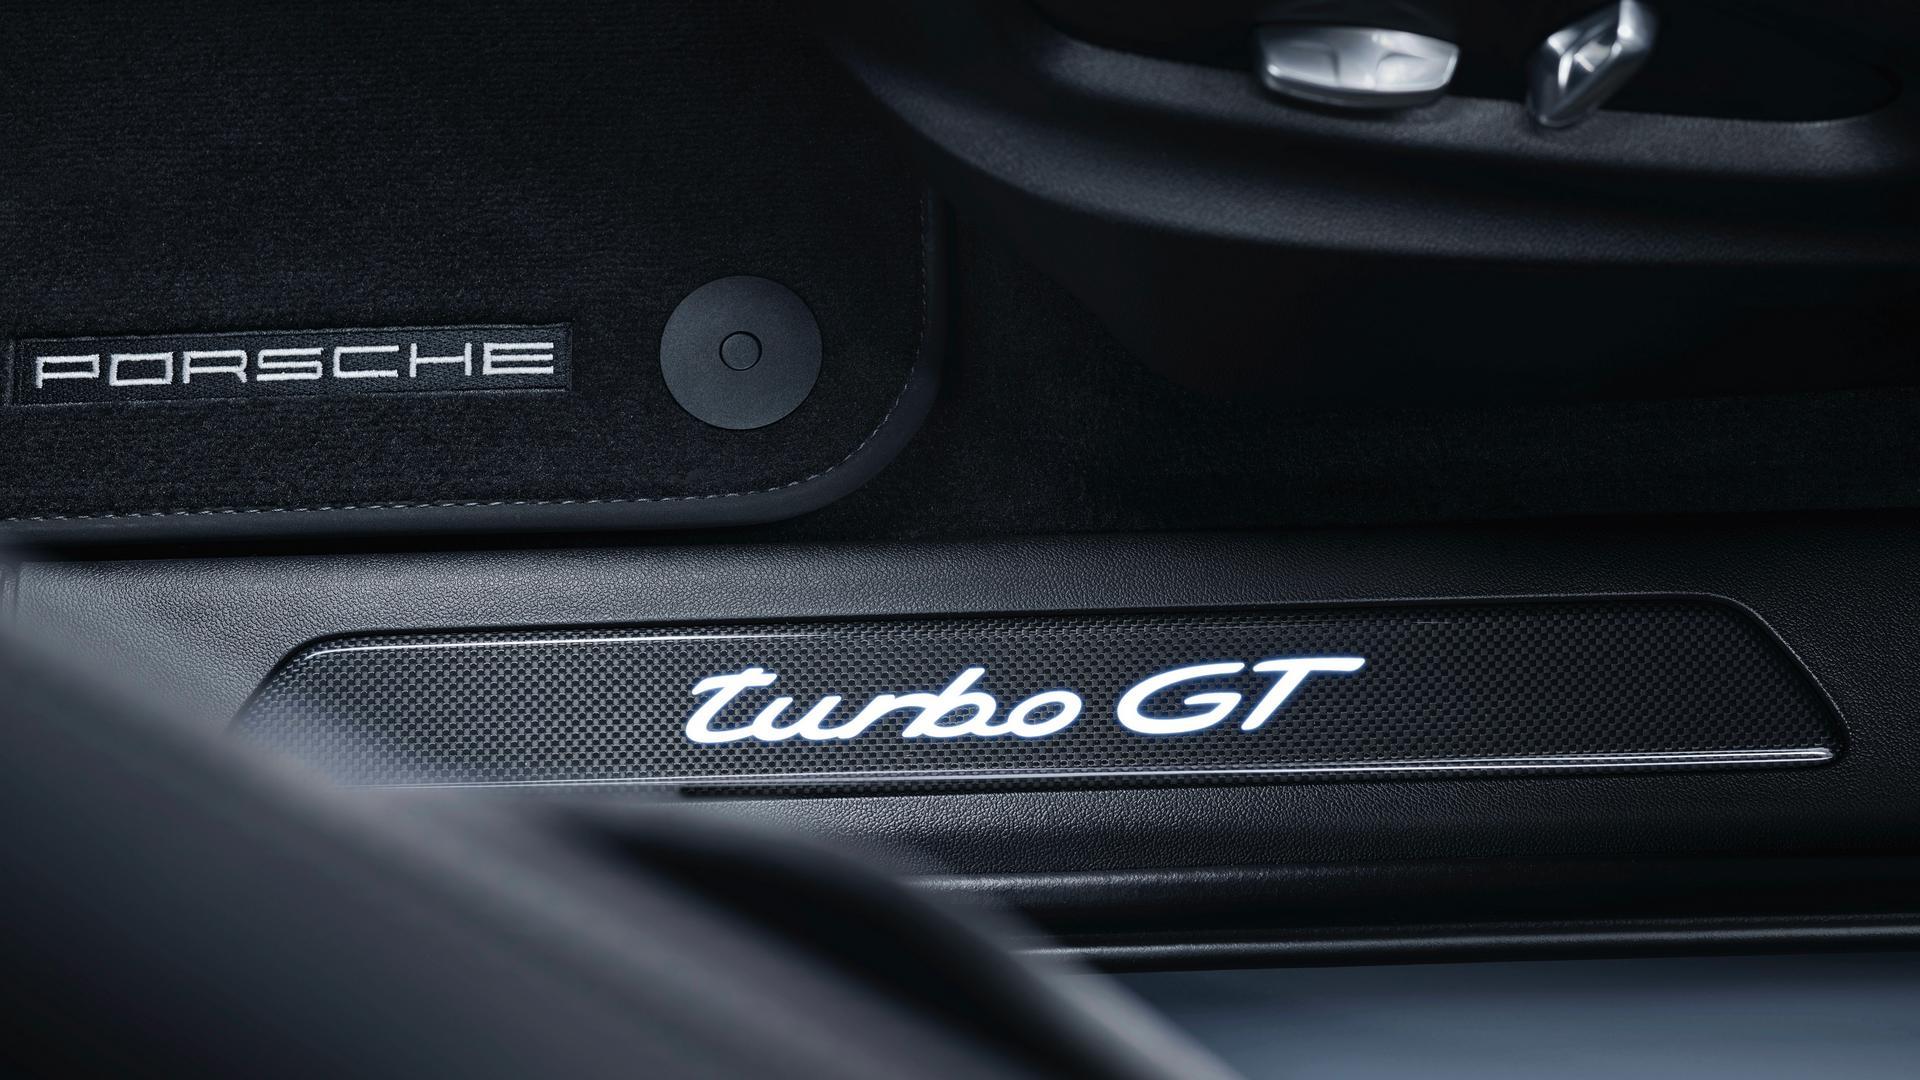 Turbo GT door sill